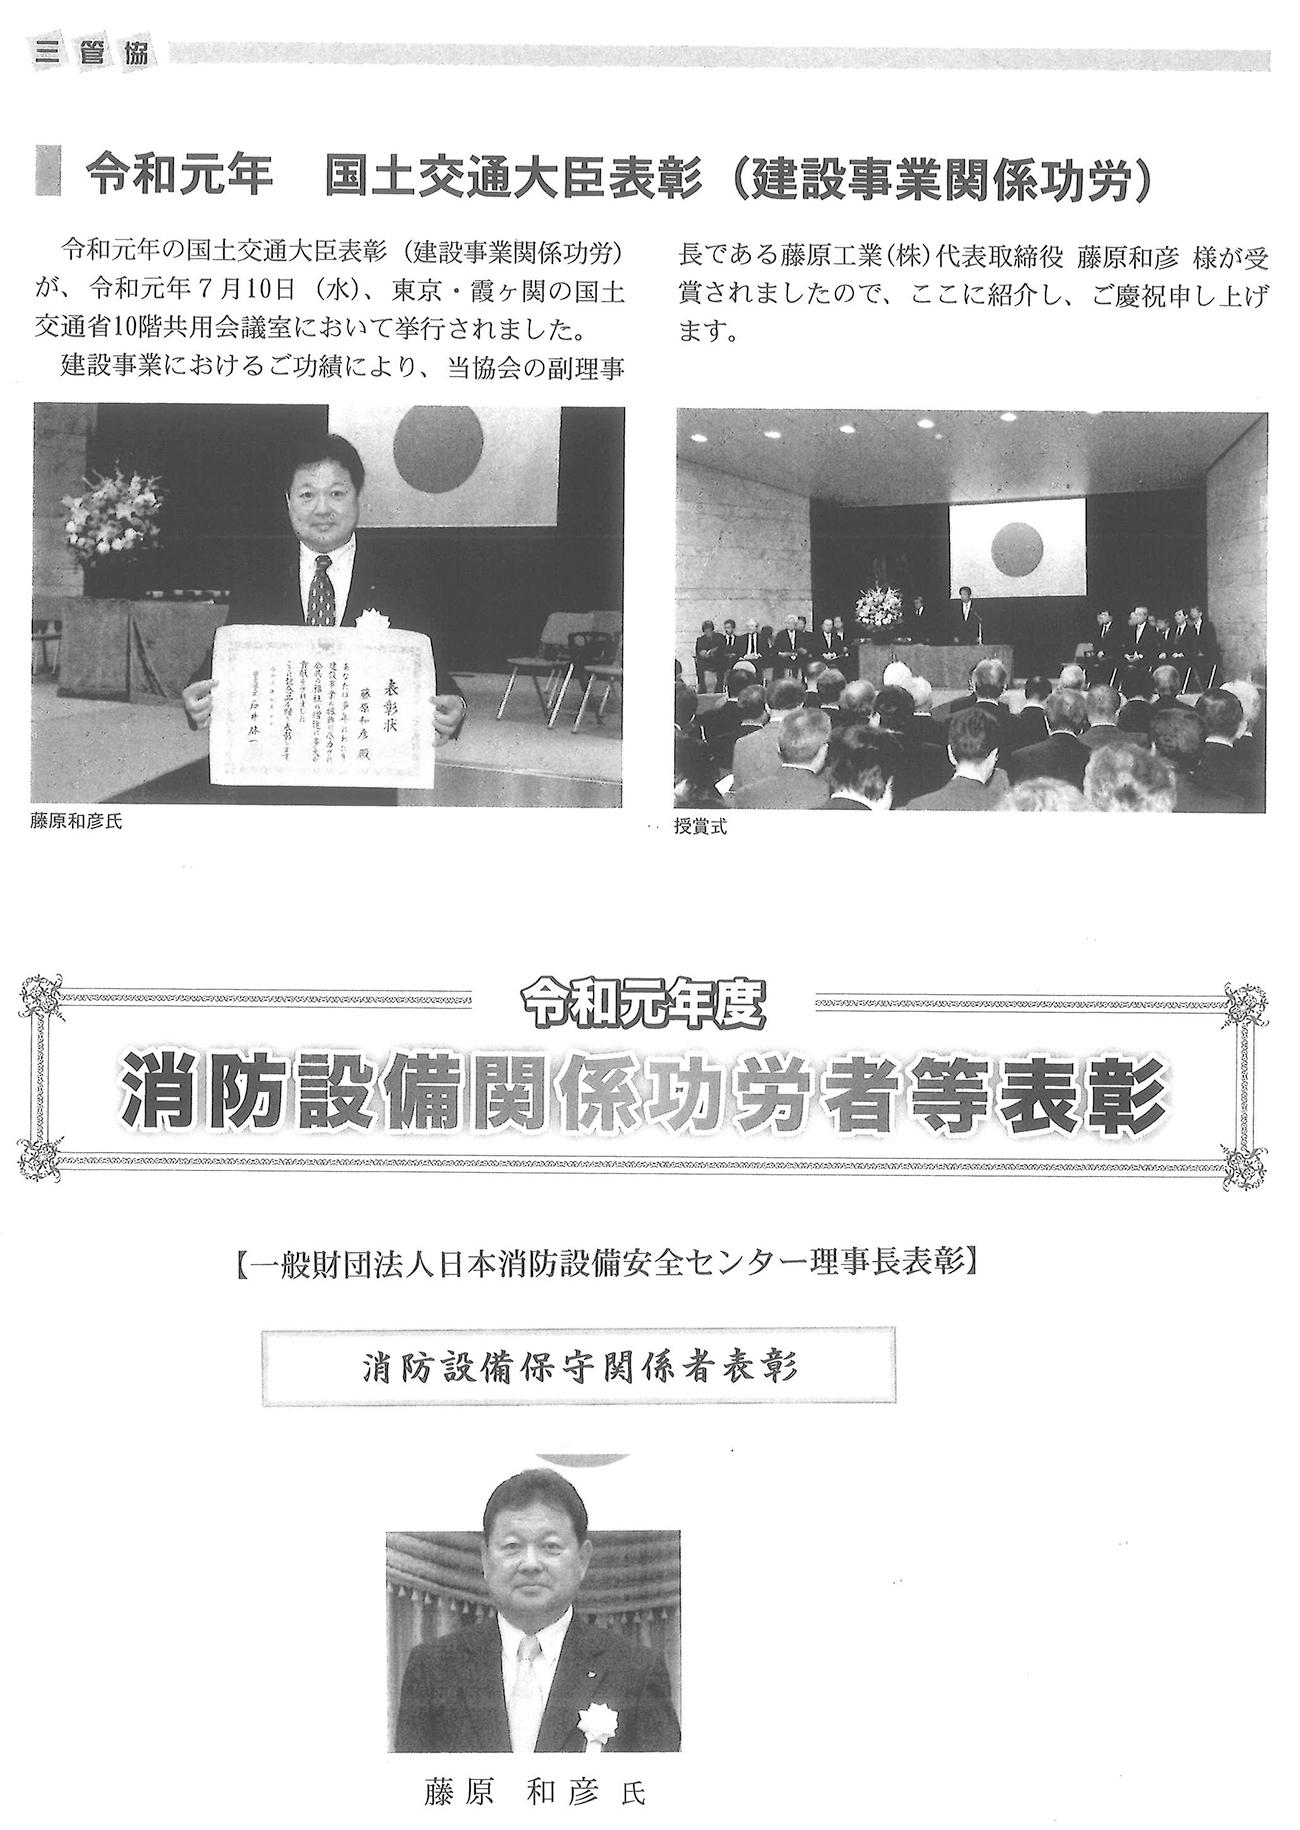 国土交通大臣表彰「建設事業関係功労」の記事写真